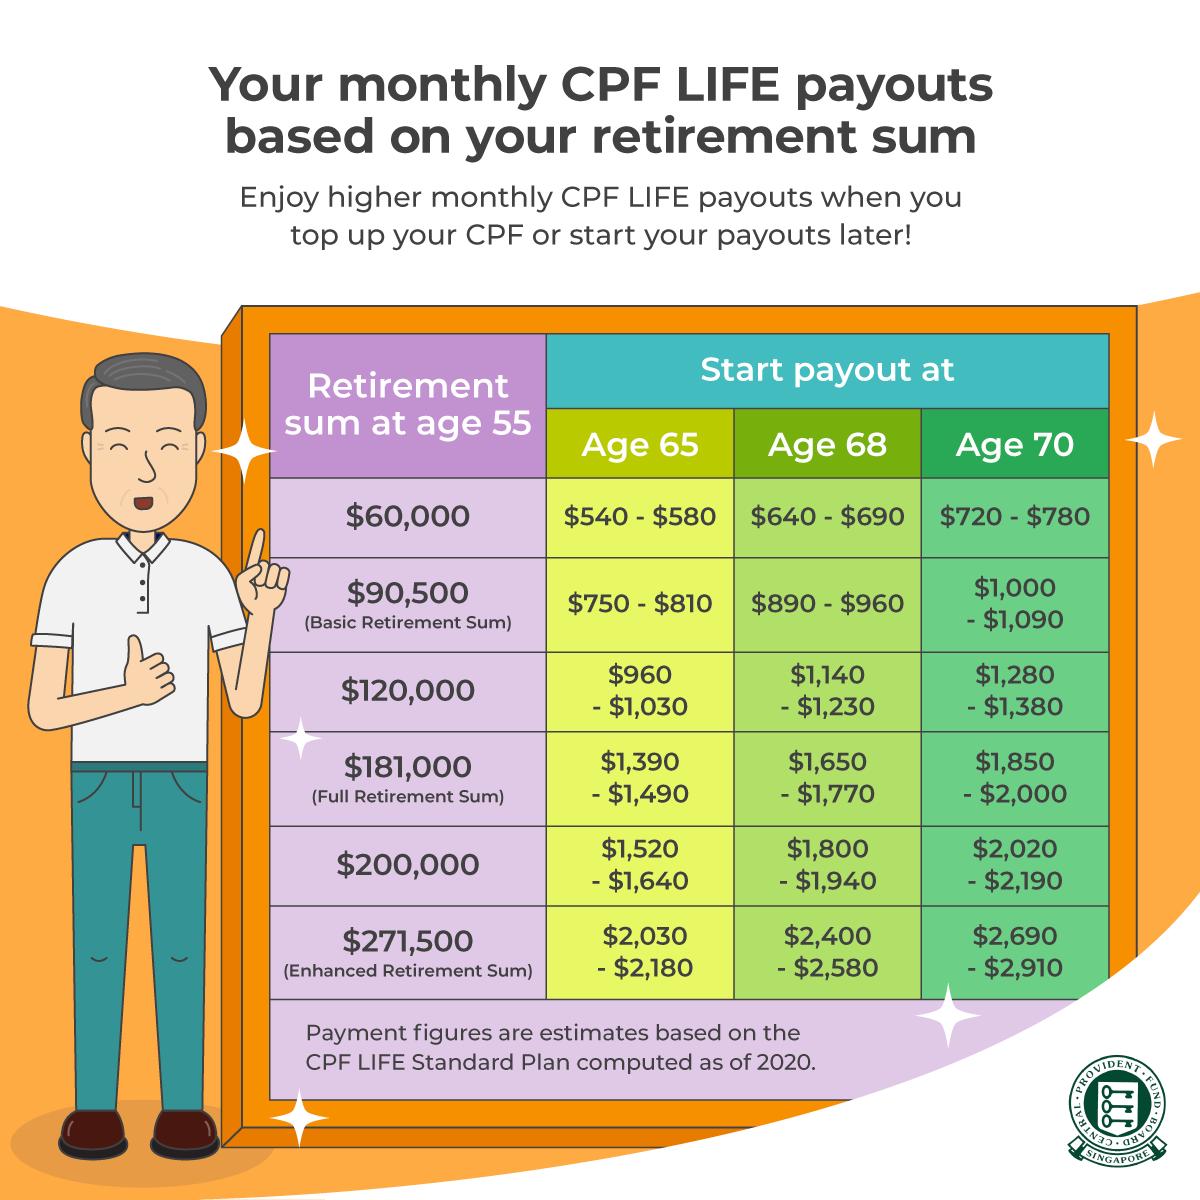 CPF Life Full Retirement Sum 2020